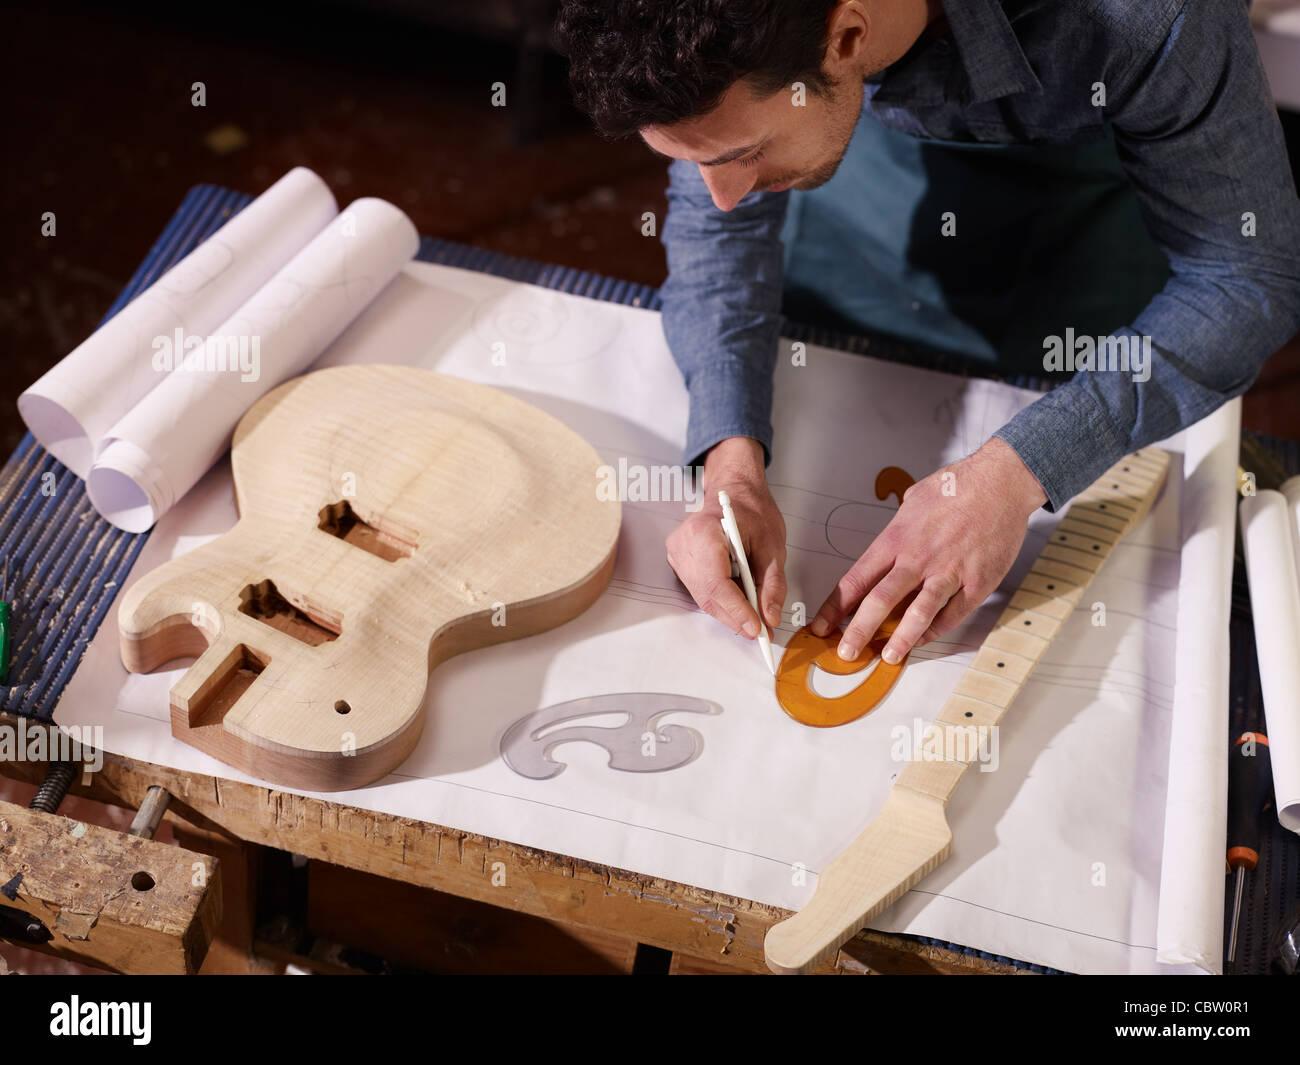 Mitte erwachsener Mann bei der Arbeit als Handwerker in italienischen Werkstatt mit Gitarren und Baupläne Skizzen. Stockbild